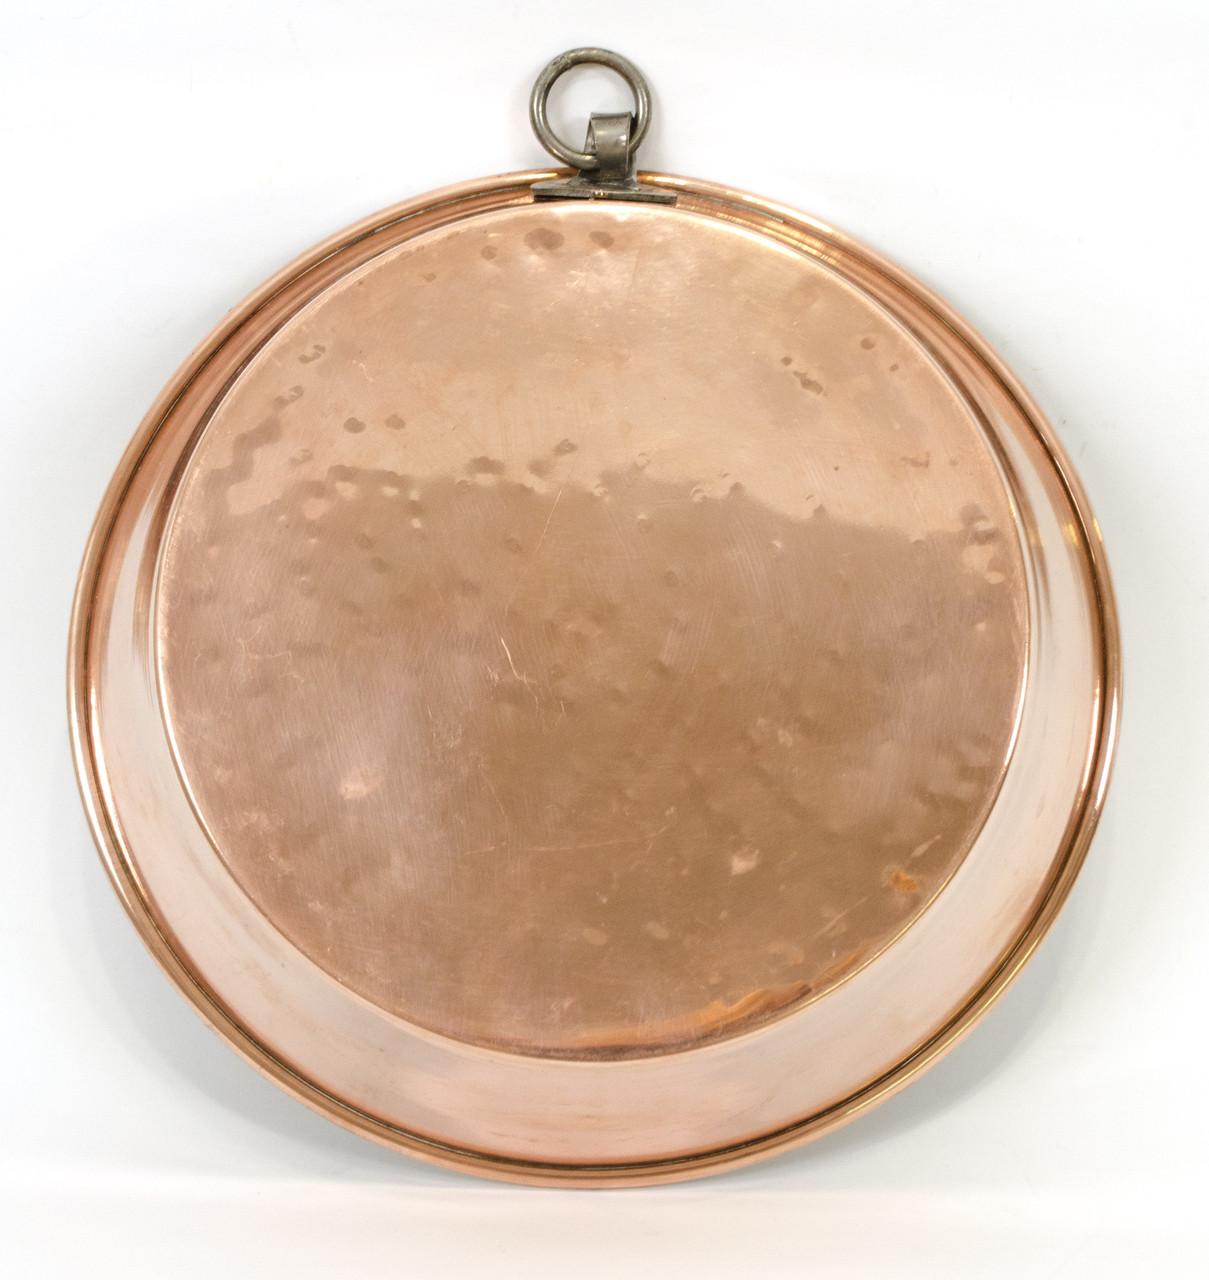 Медная форма для выпечки, медь, Швеция, винтажная, 25 см